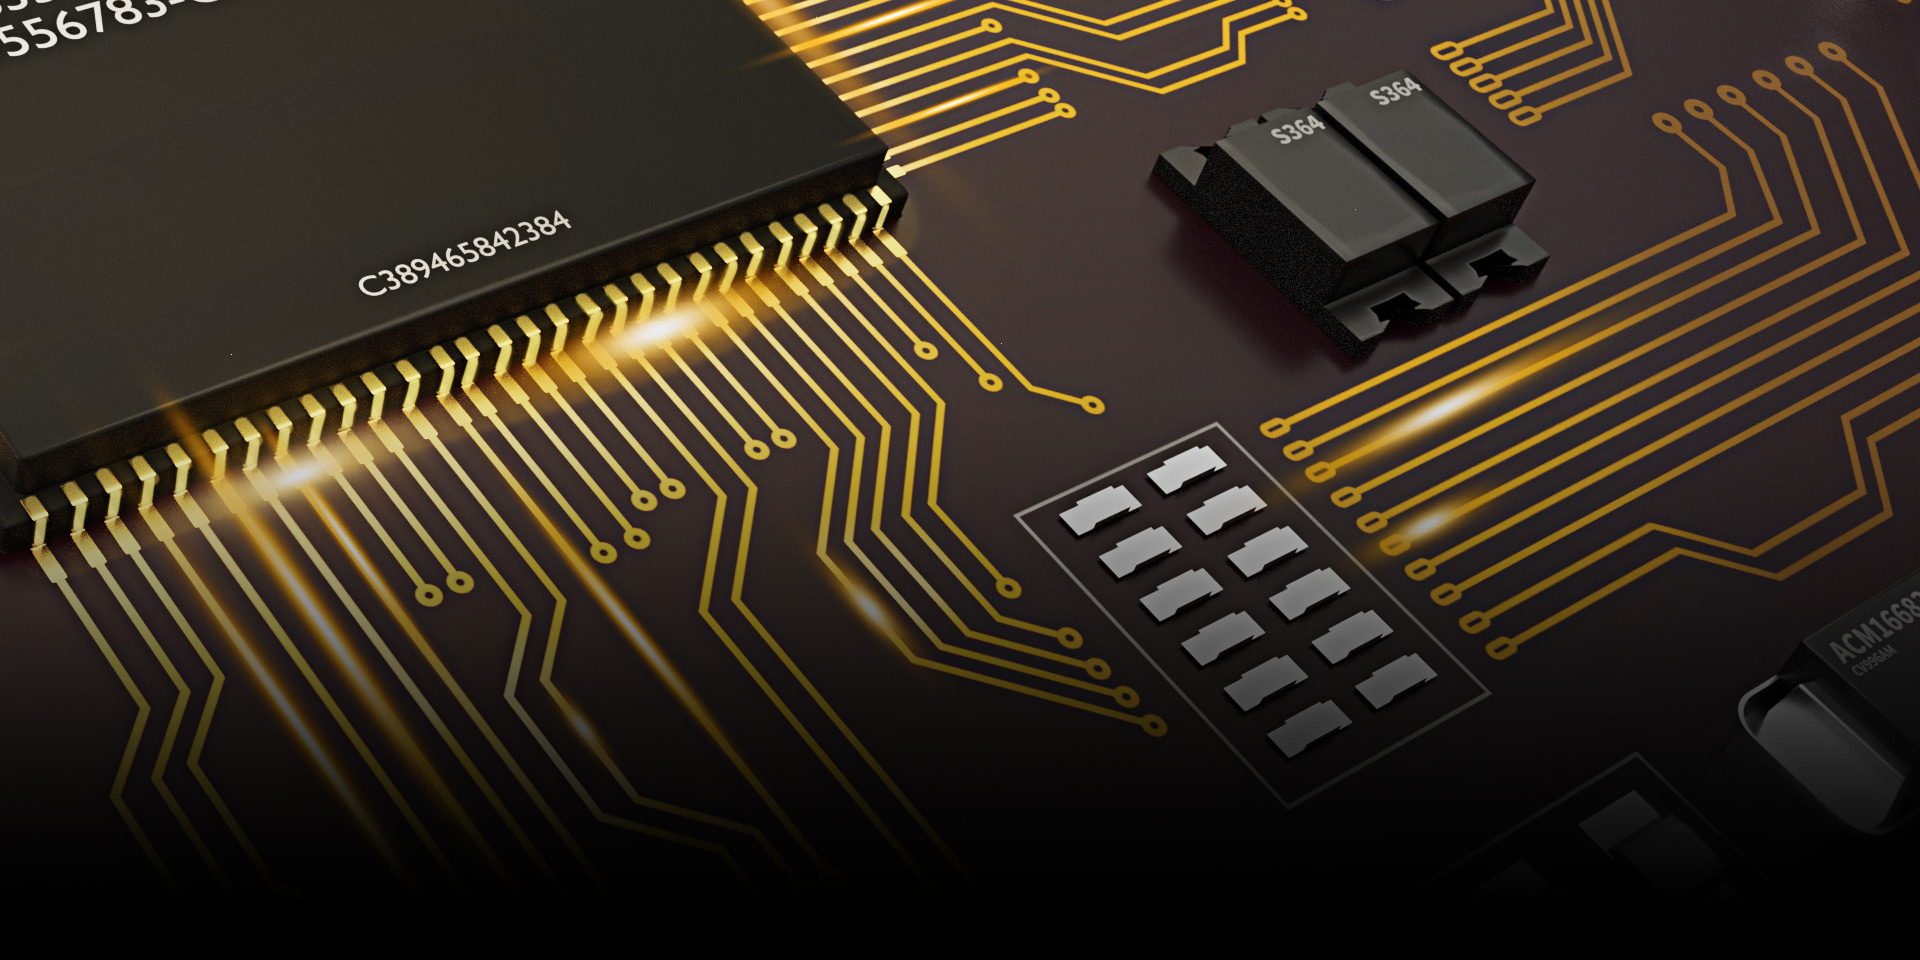 艾睿光电红外热成像仪应用于电子制造